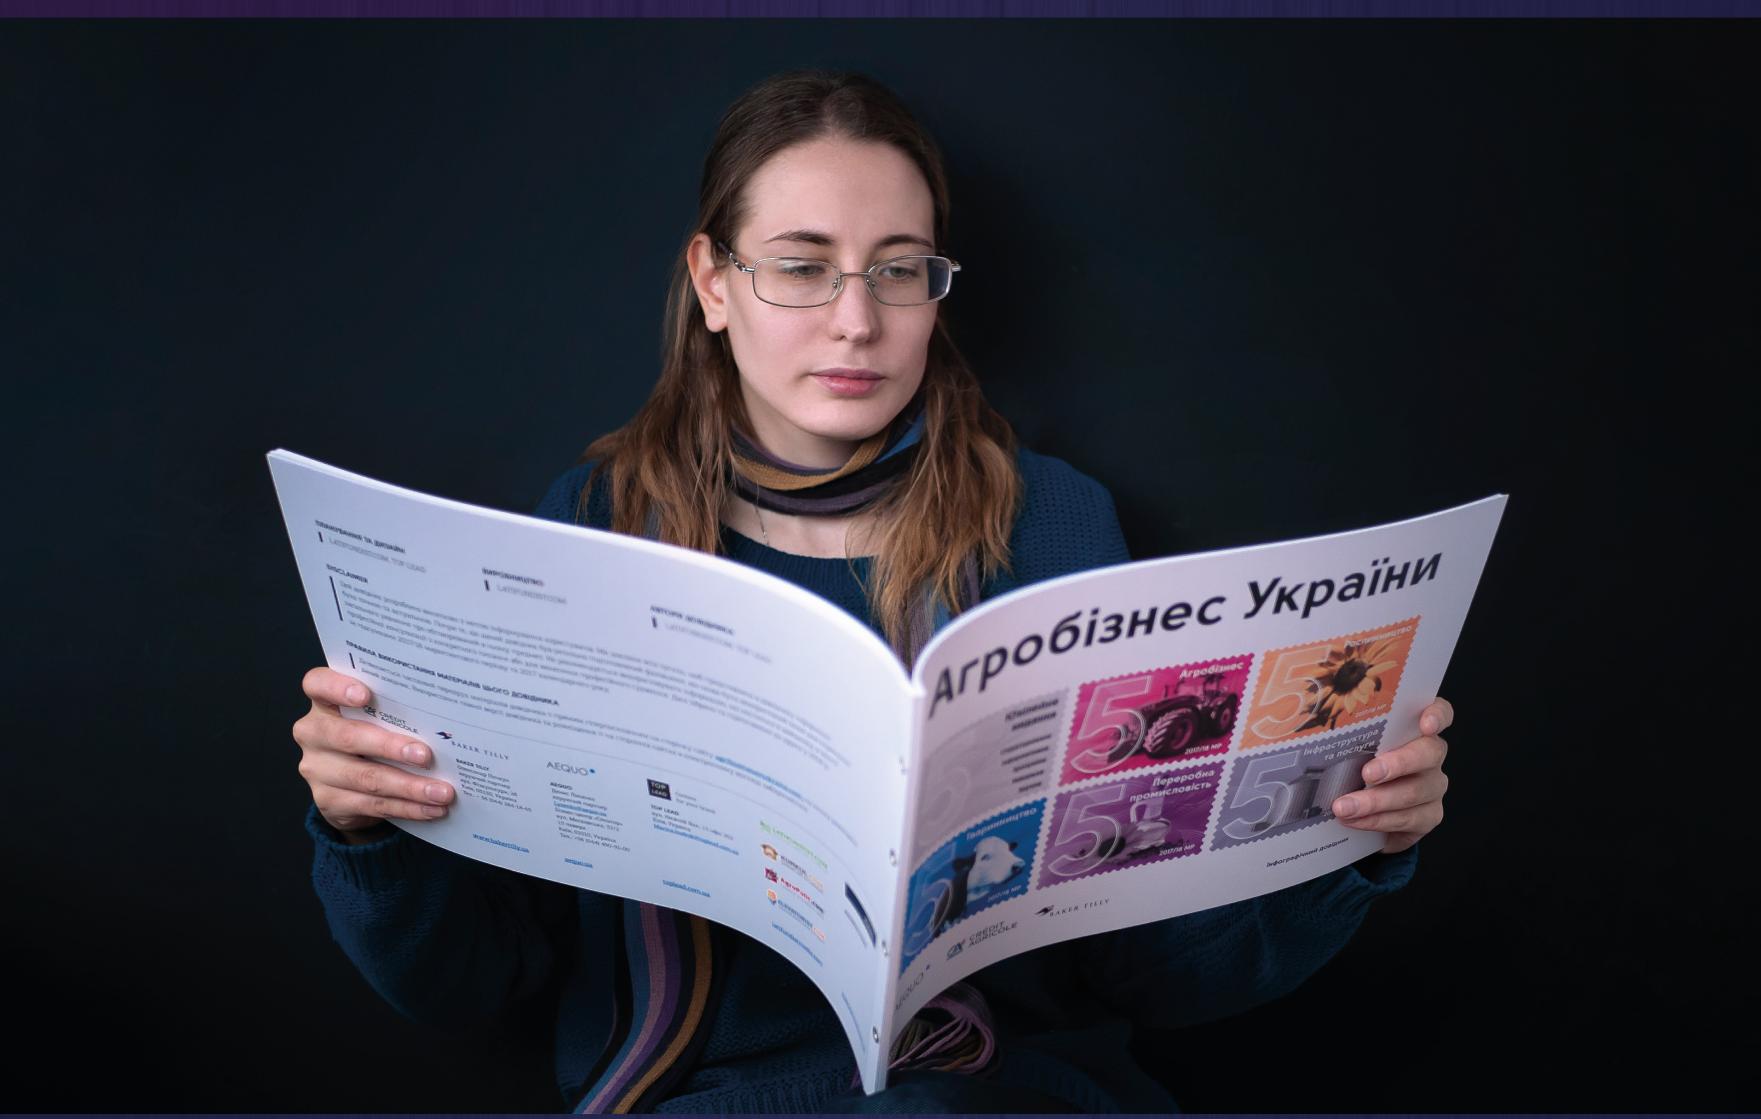 Агробізнес України 2017 — фото 6